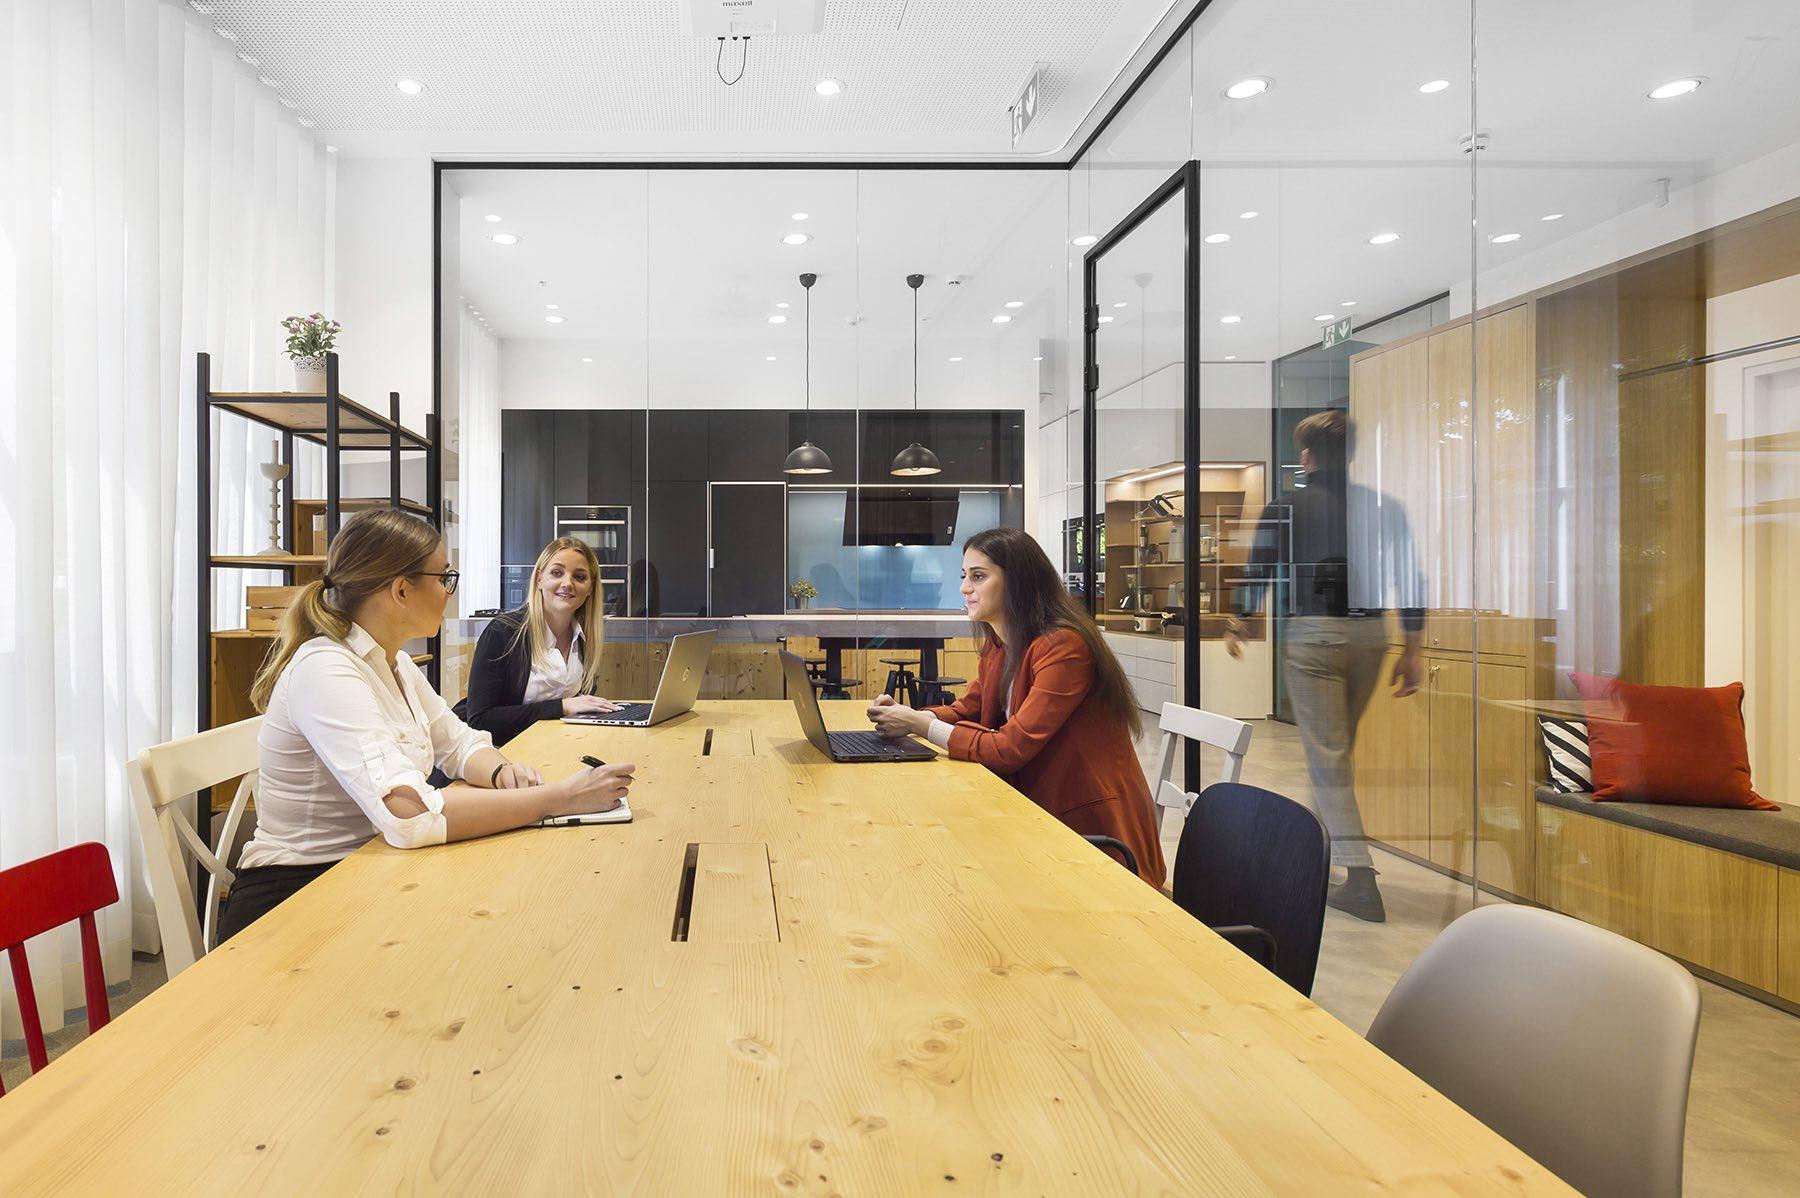 A Look Inside BSH's New Ljubljana Office